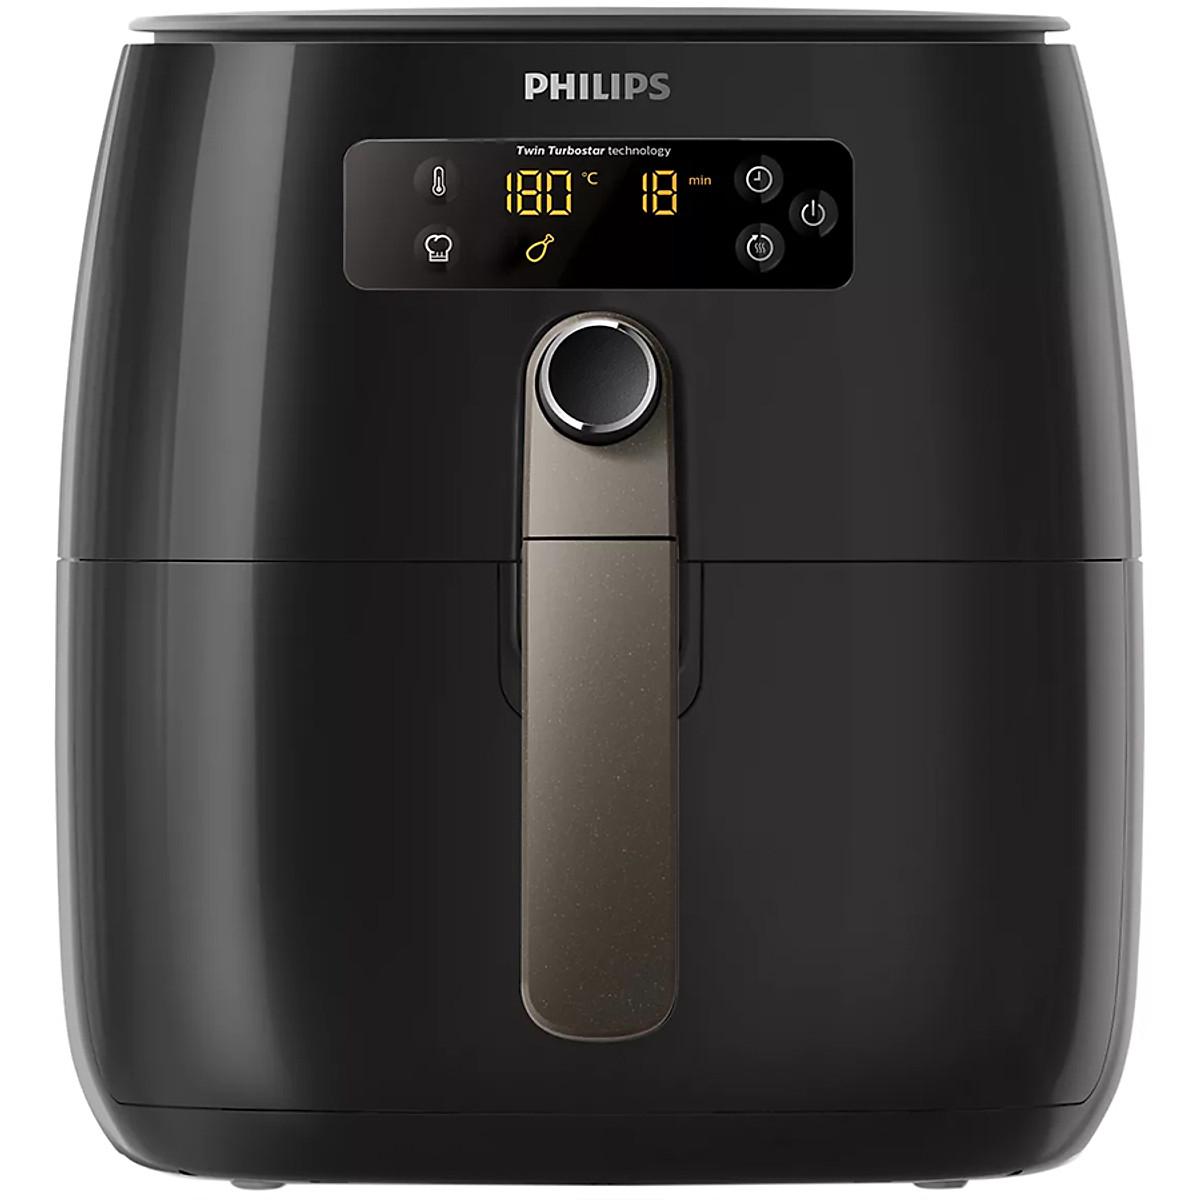 Đánh giá chi tiết Nồi Chiên Philips HD9745/90 (1500W)